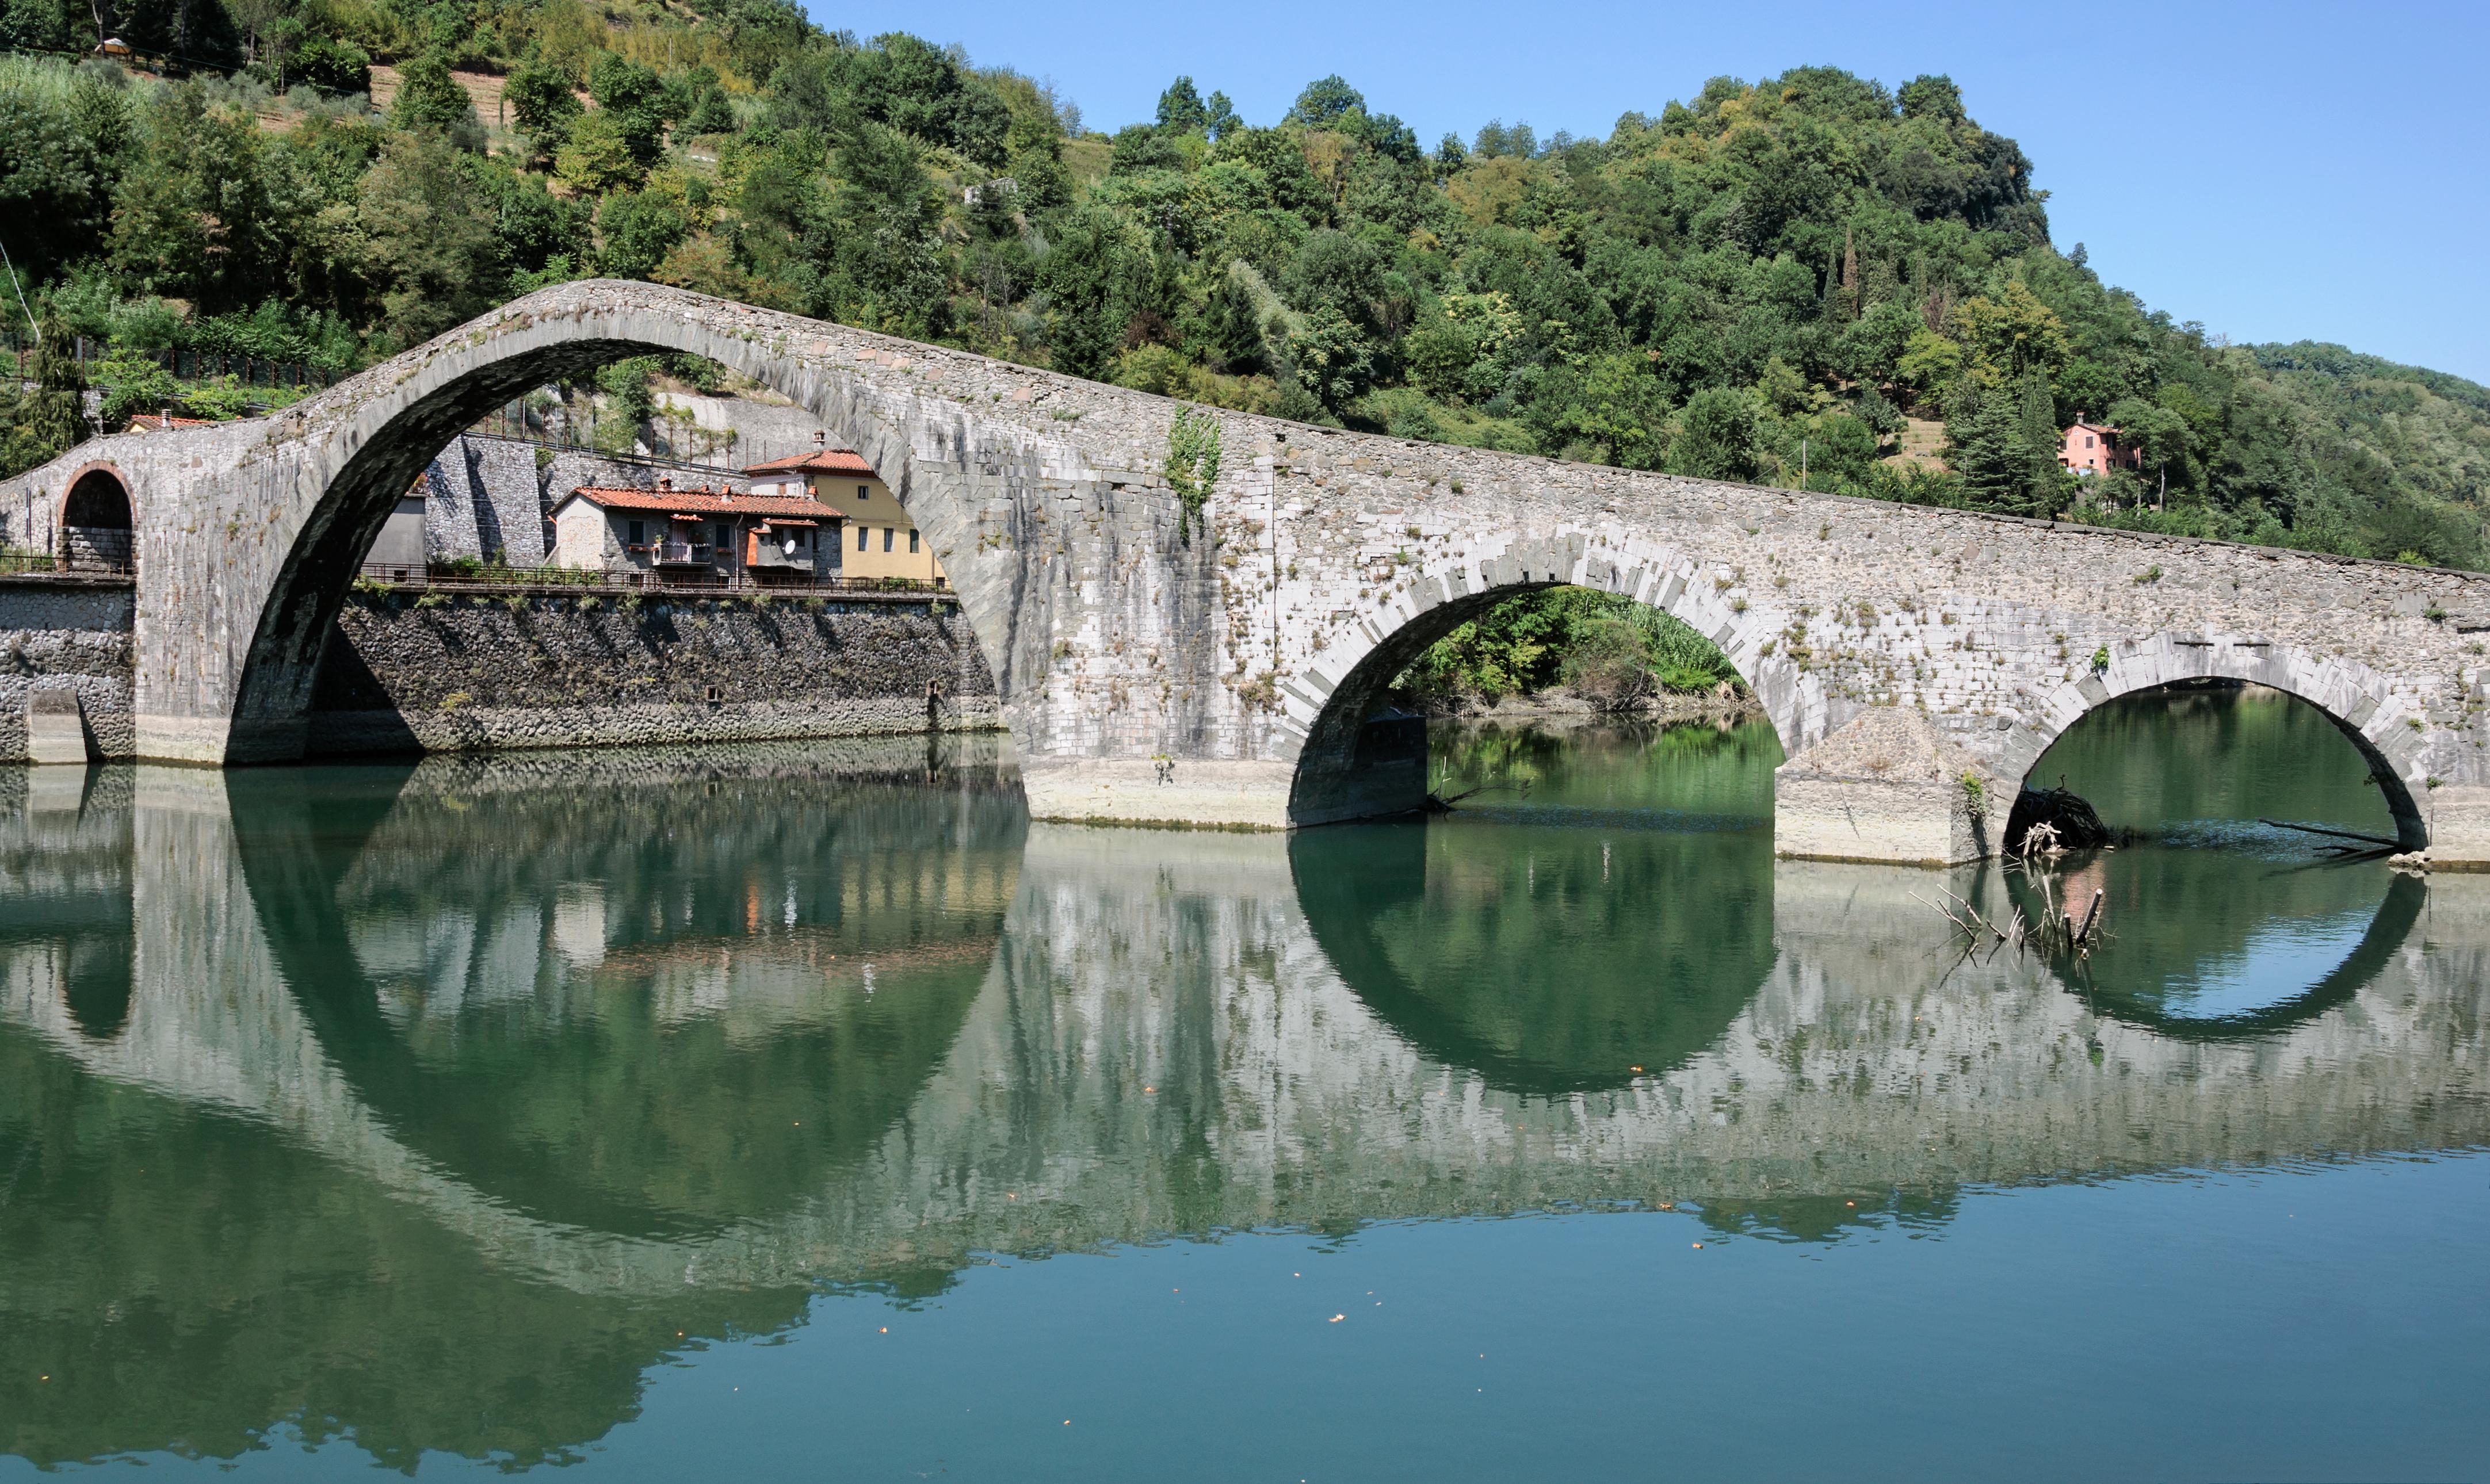 Borgo_a_Mozzano_Ponte_della_Maddalena.jpg